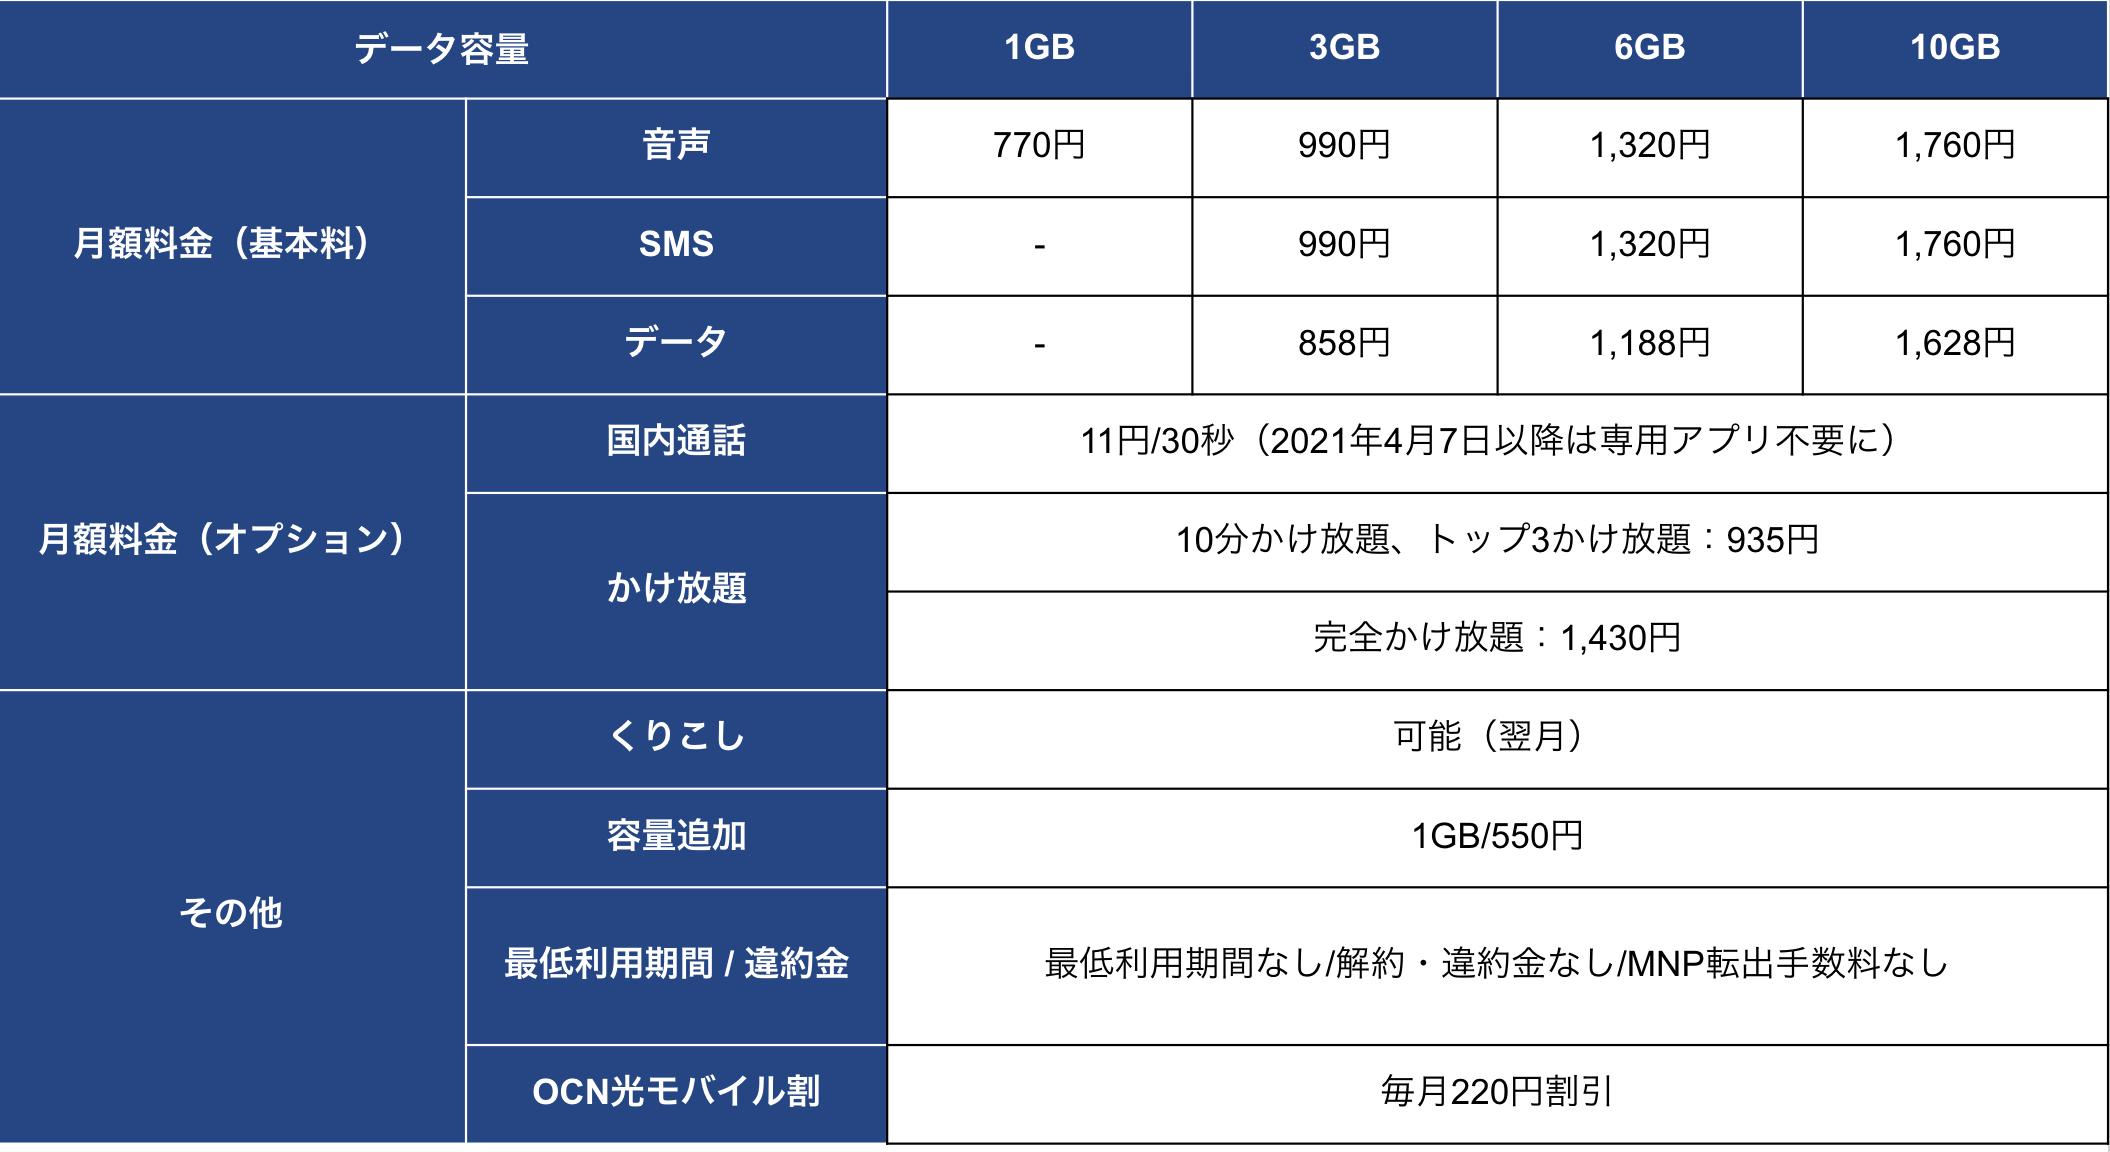 OCNモバイルONE新プラン料金表